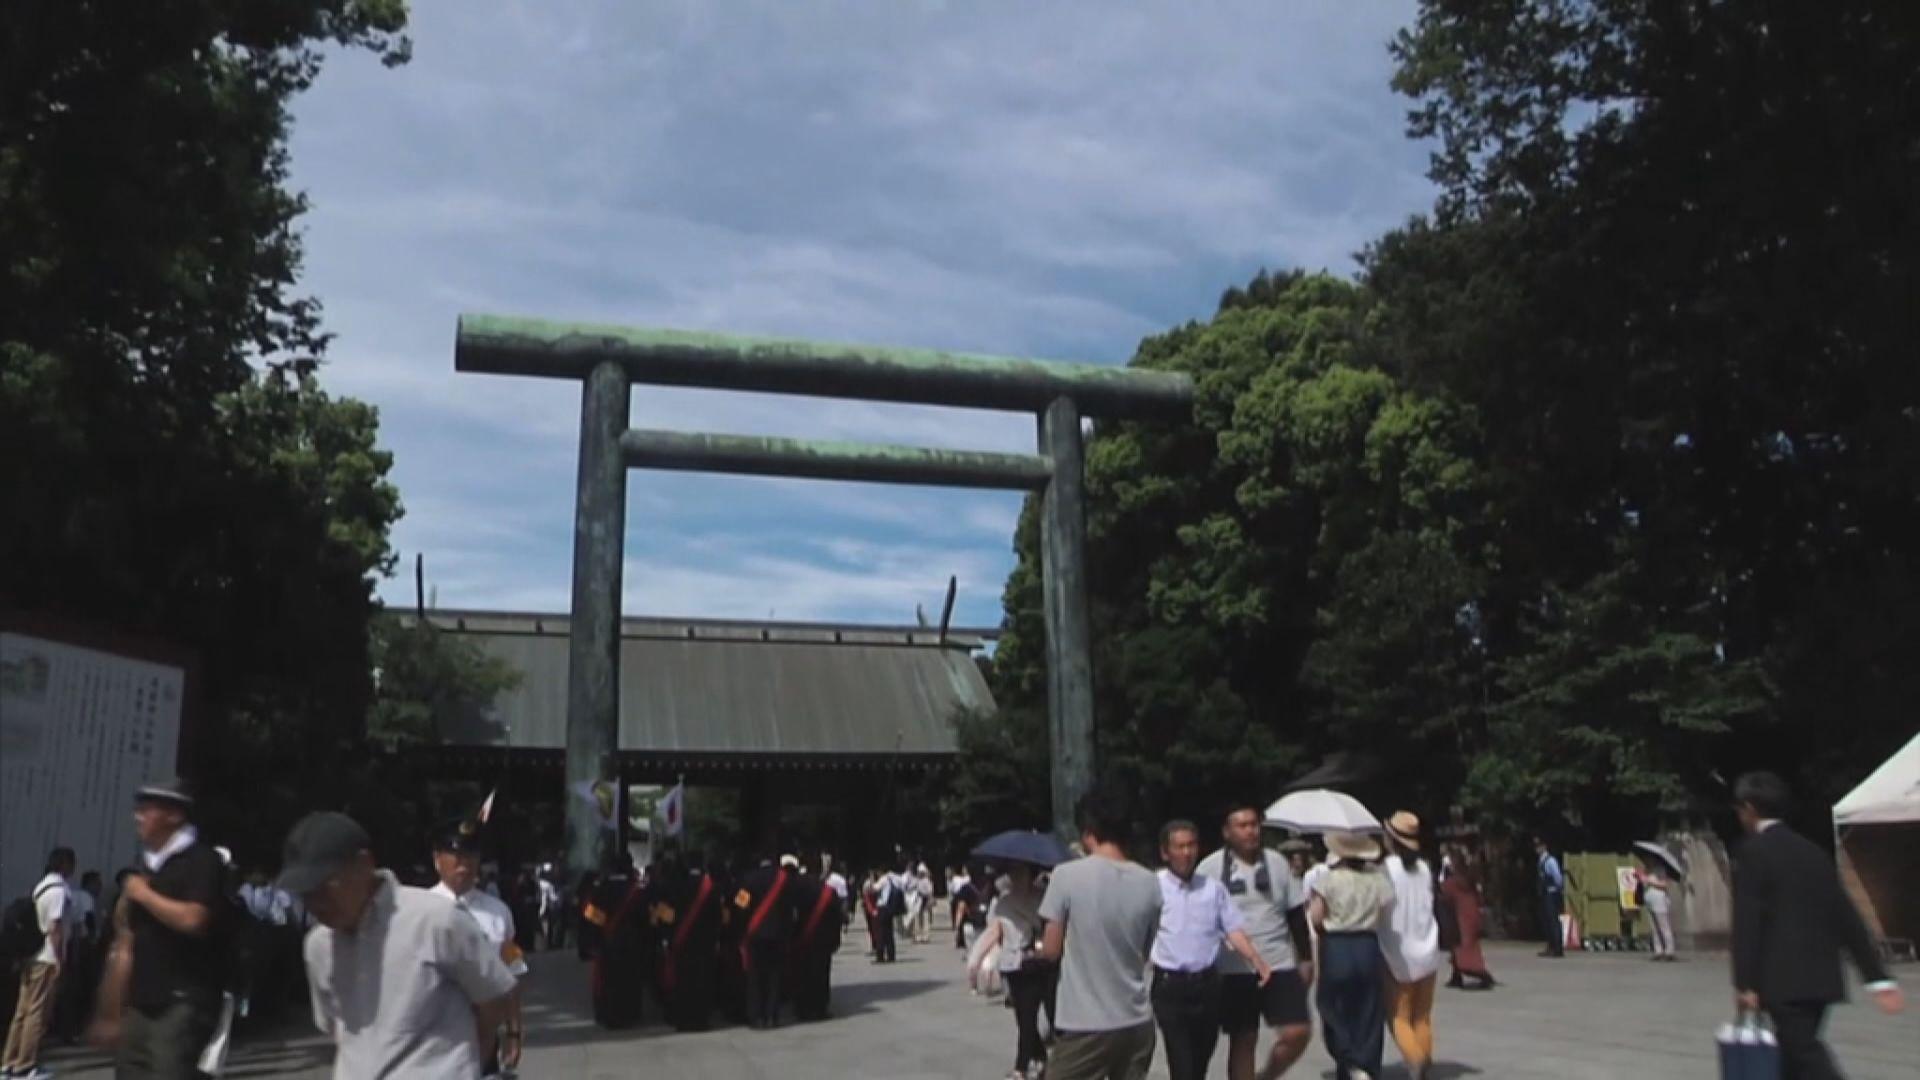 安倍晉三向靖國神社供奉祭品